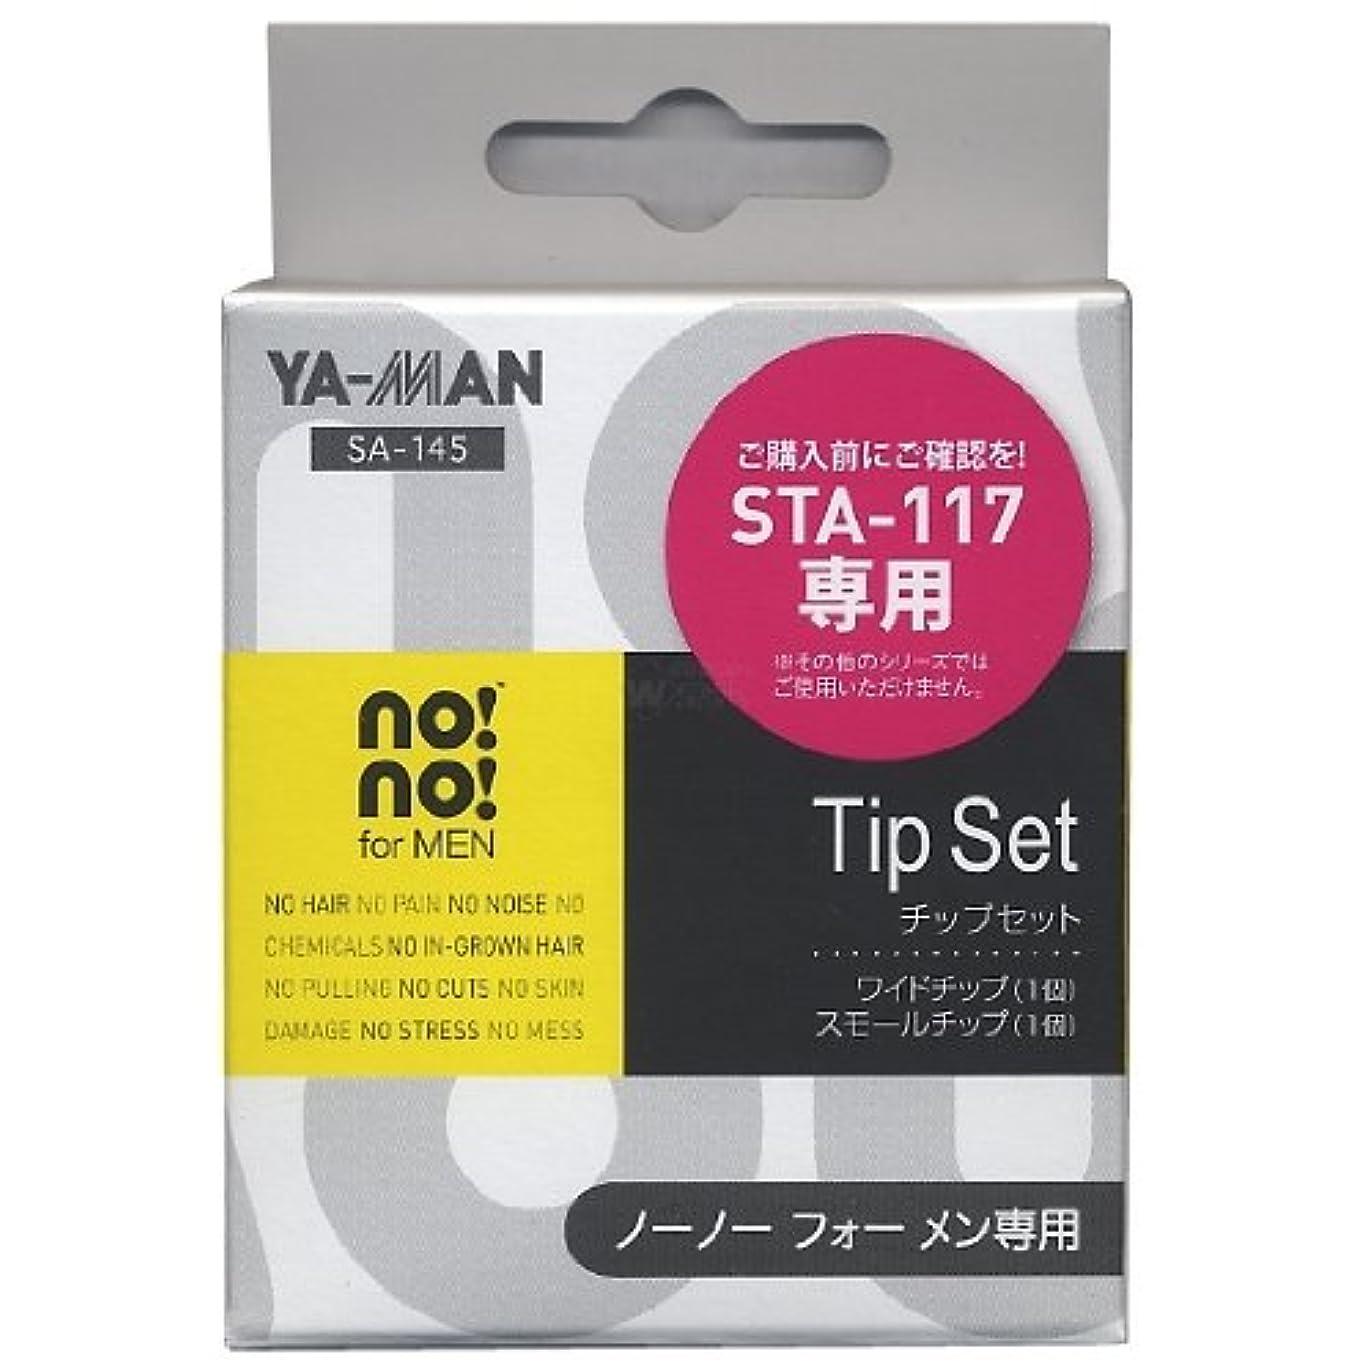 金属定期的応じるヤーマン ノーノーフォーメン 専用 ブレードチップセット ワイド×1 スモール×1 SA-145